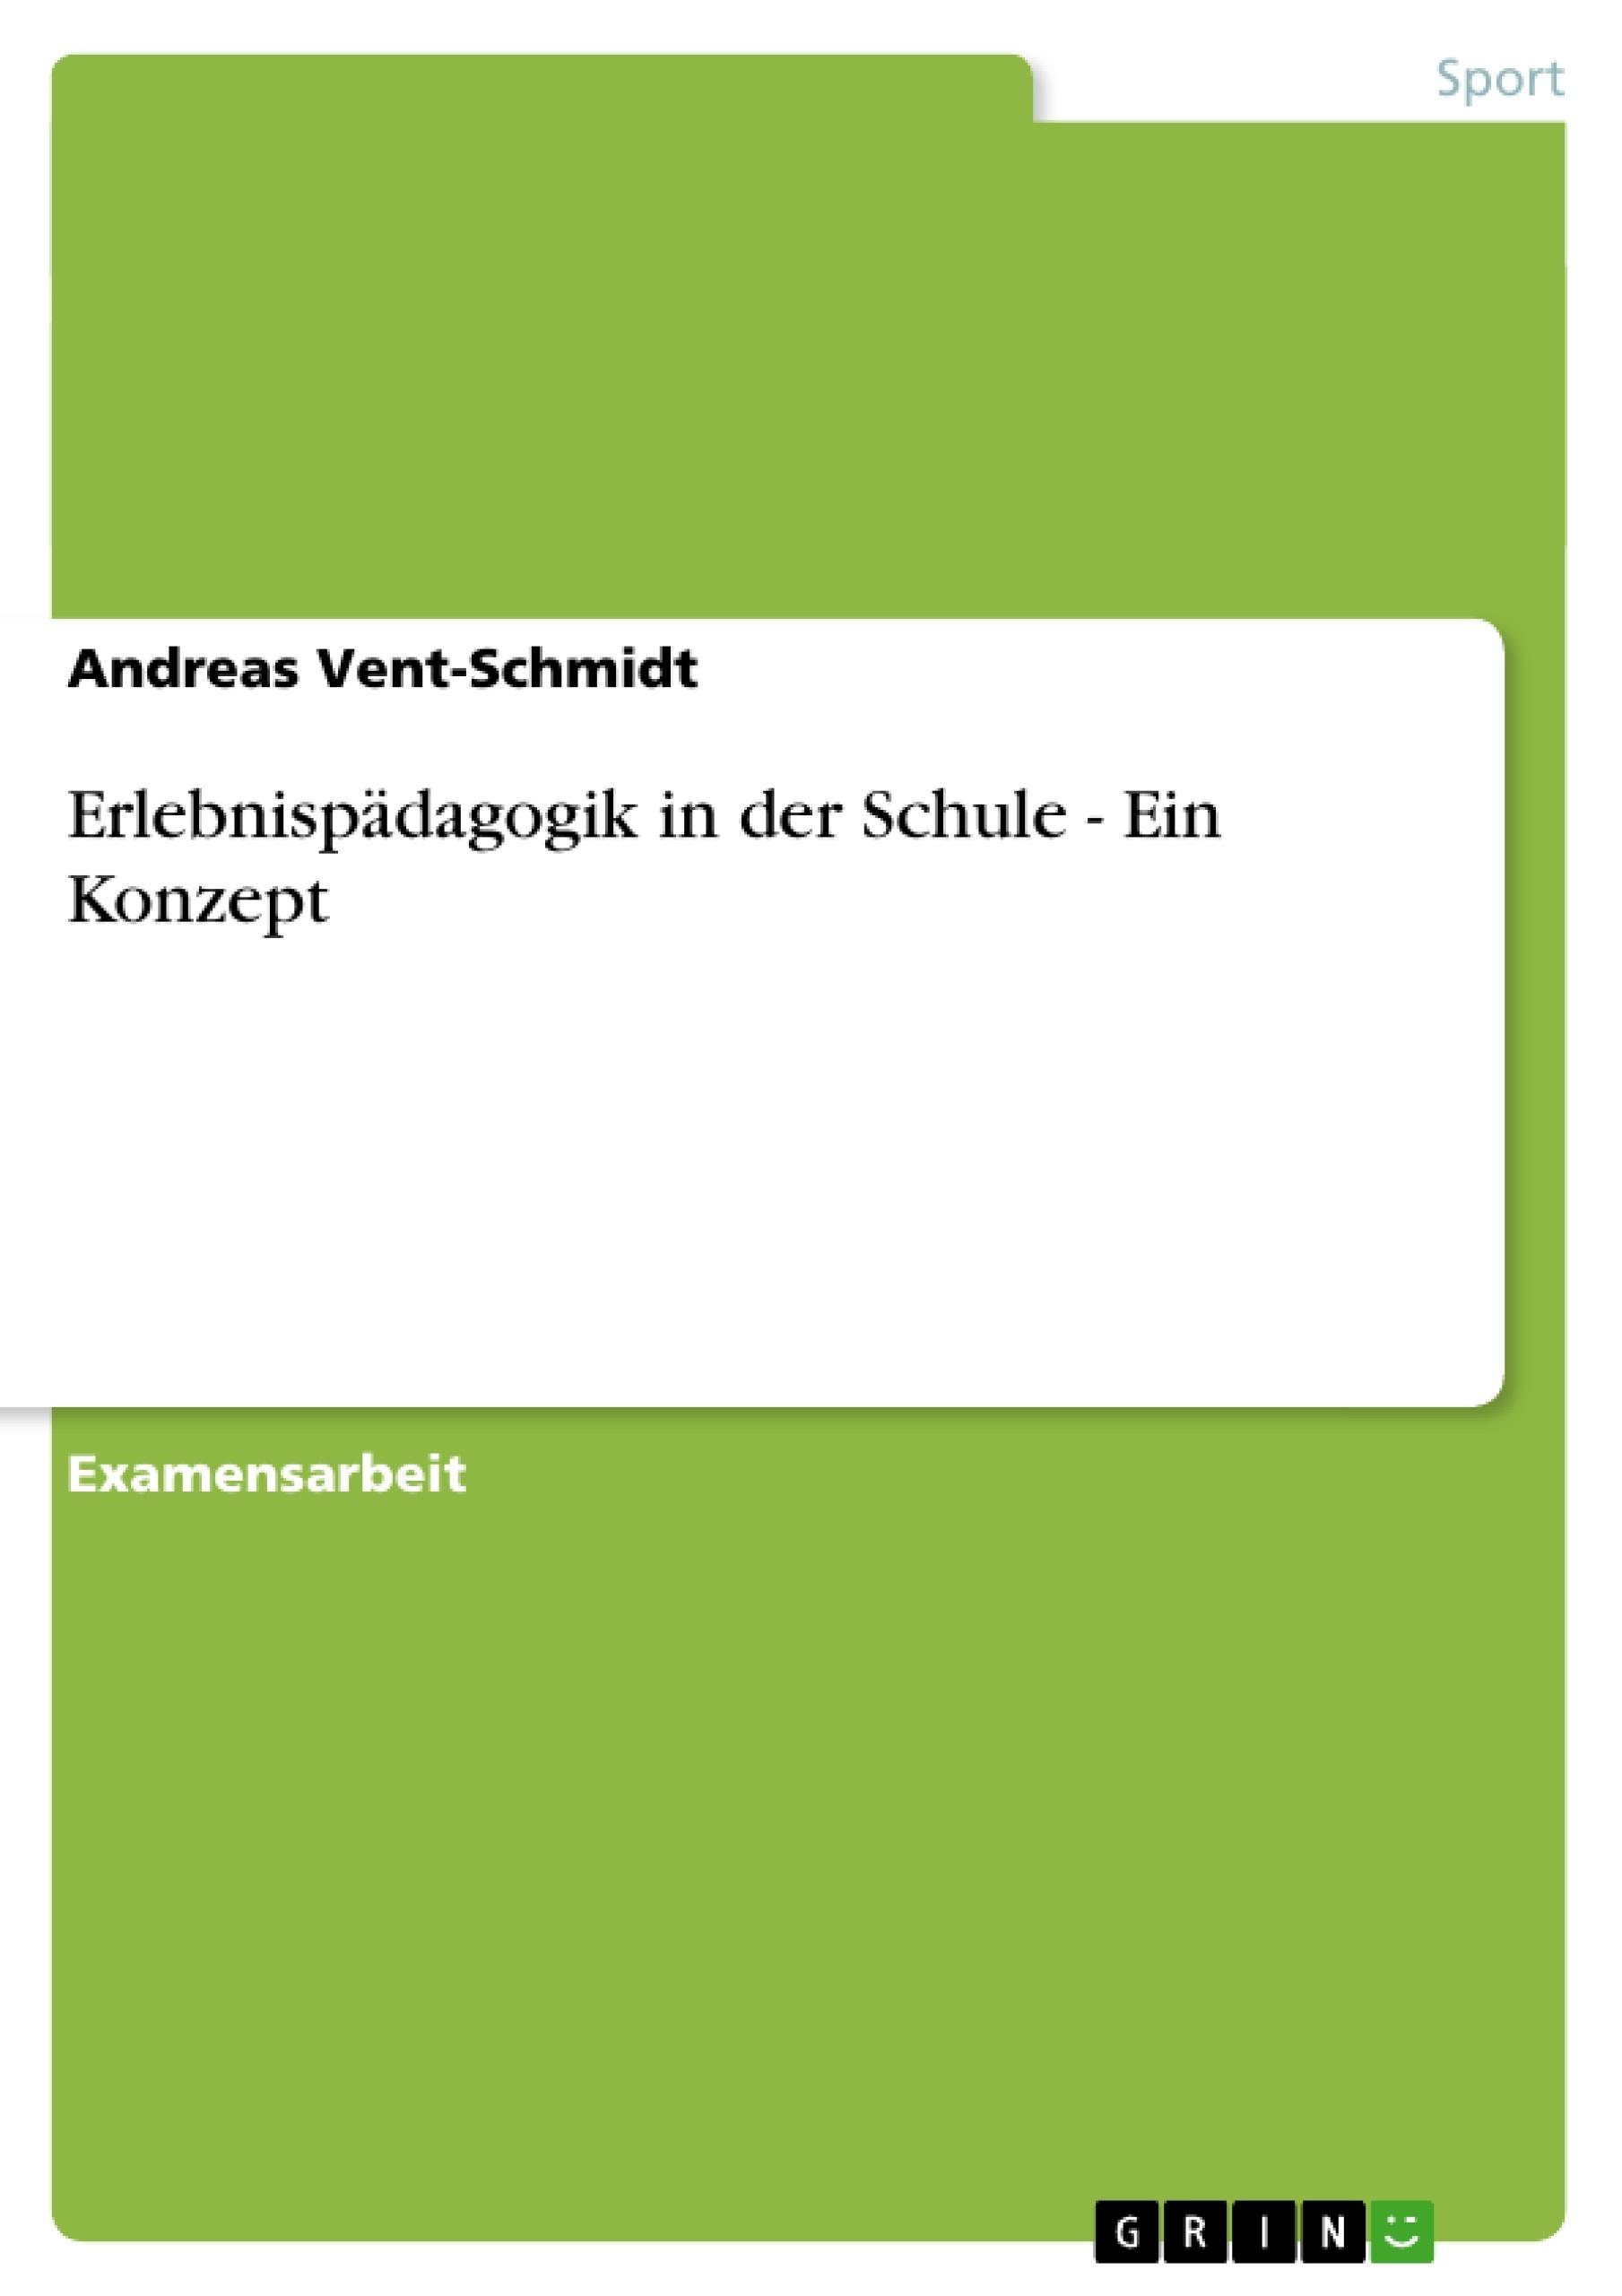 Titel: Erlebnispädagogik in der Schule - Ein Konzept